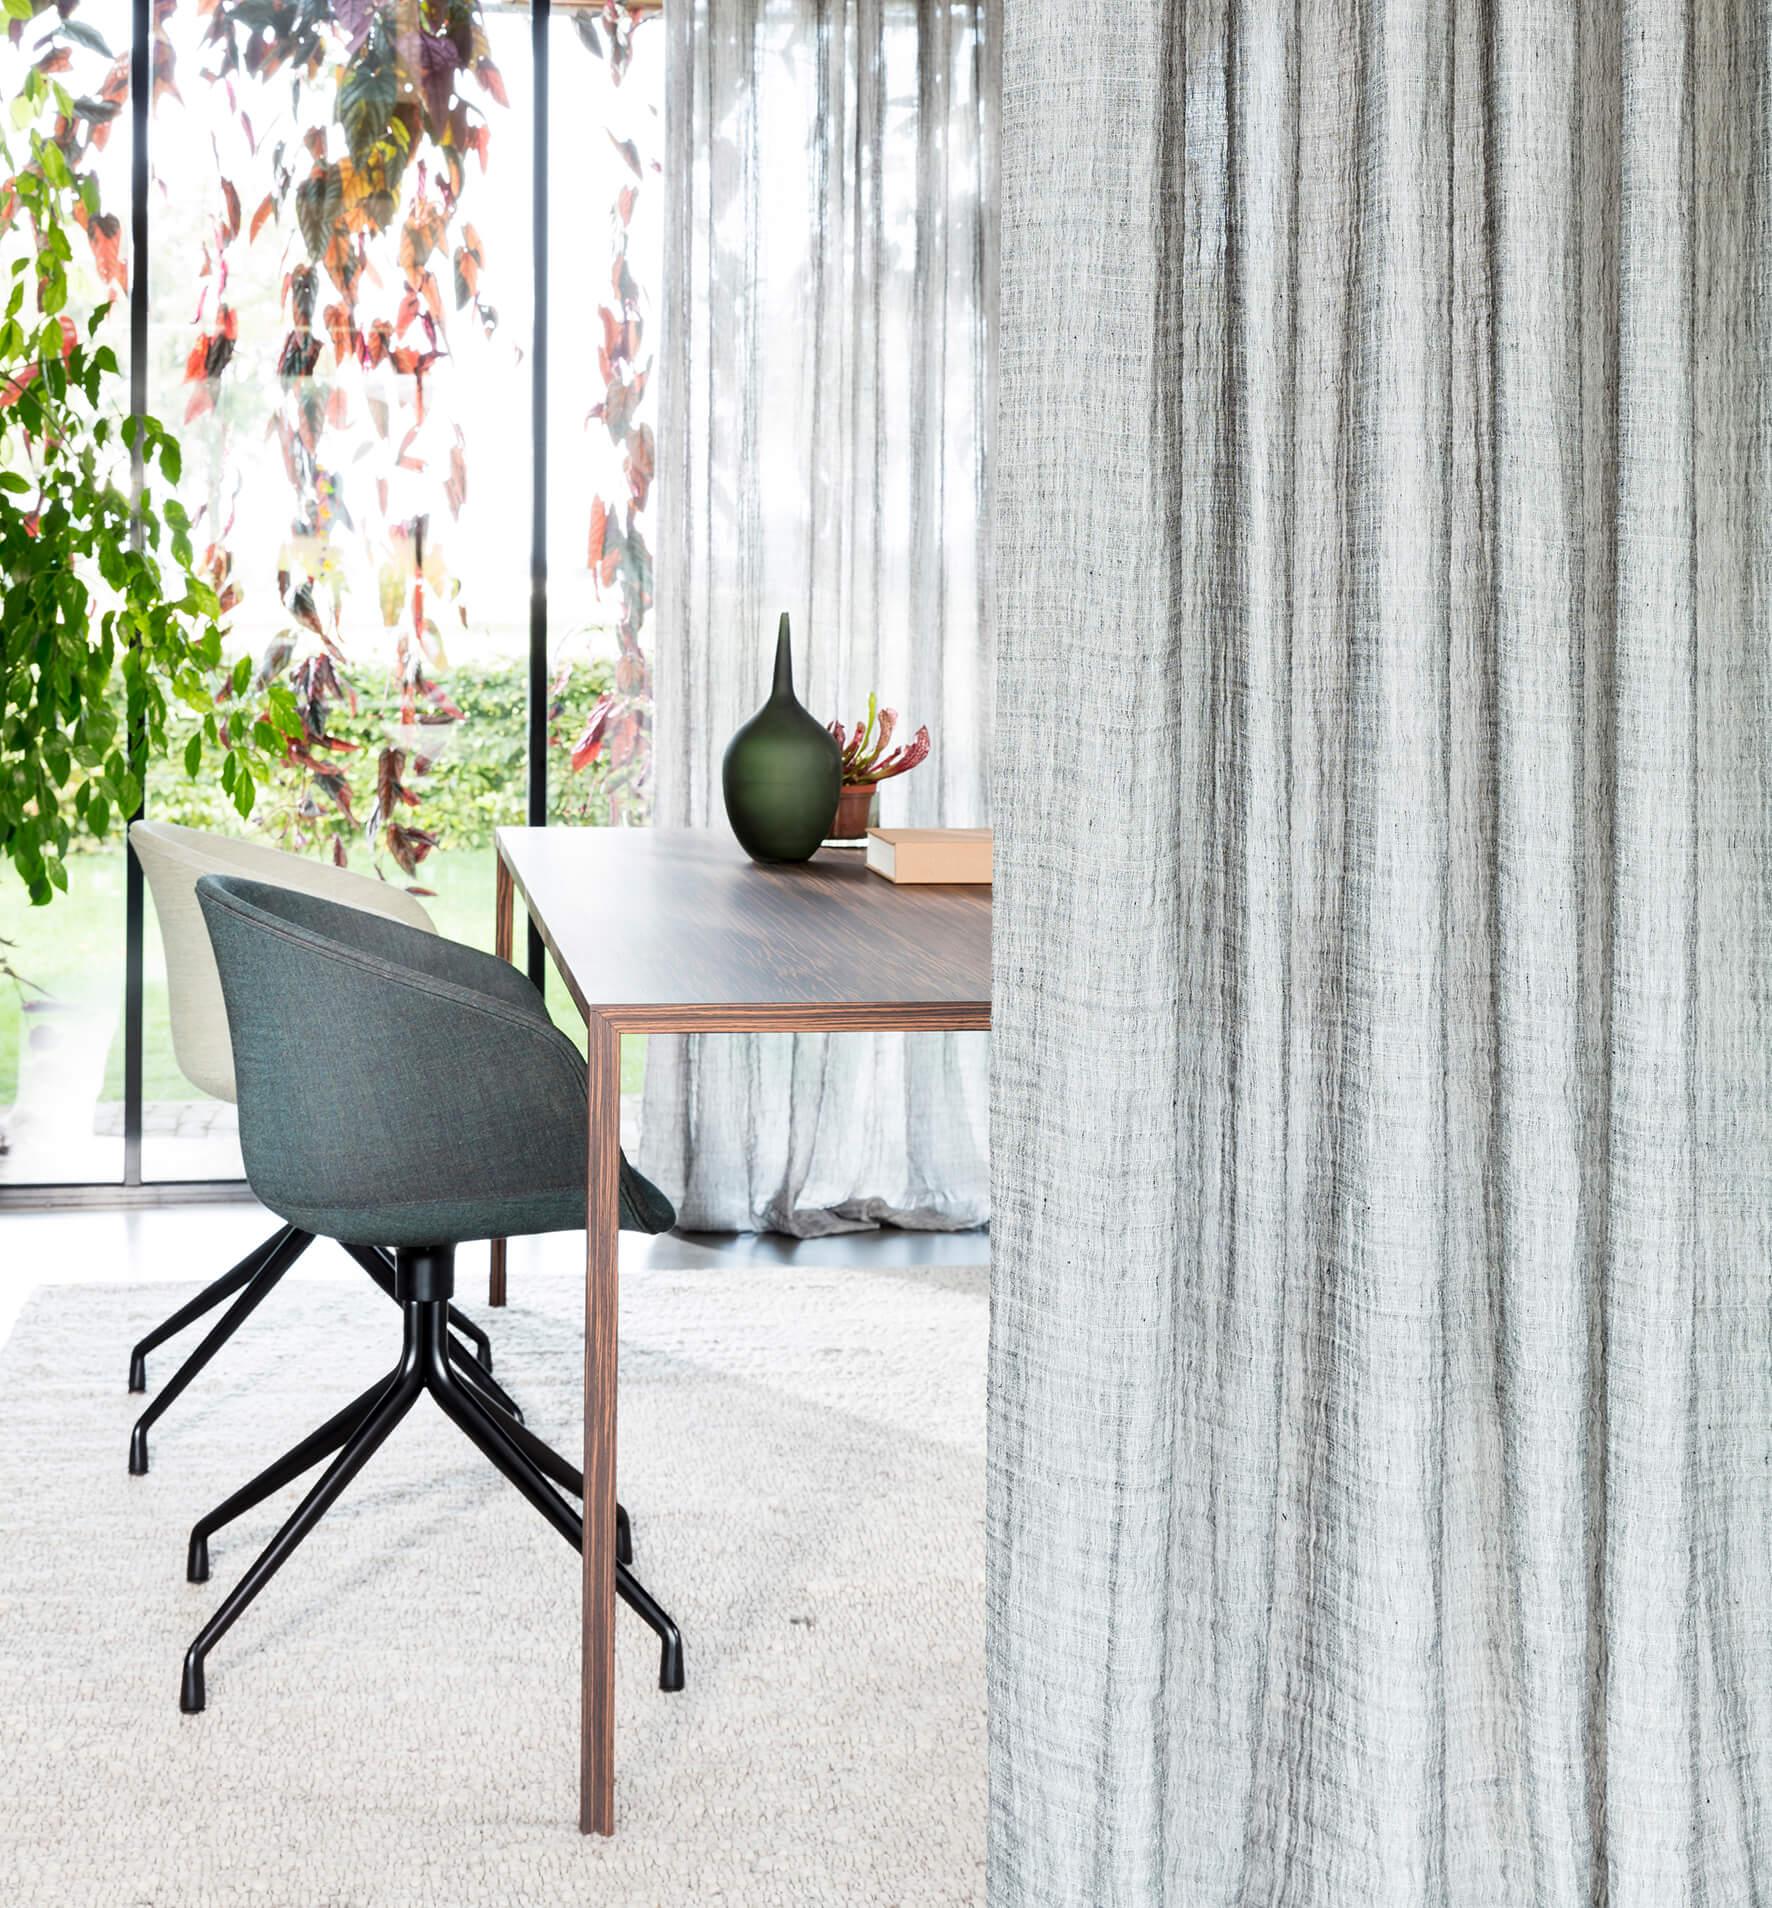 Raamdecoratie | Tjeu Linssen Mode in wonen en slapen